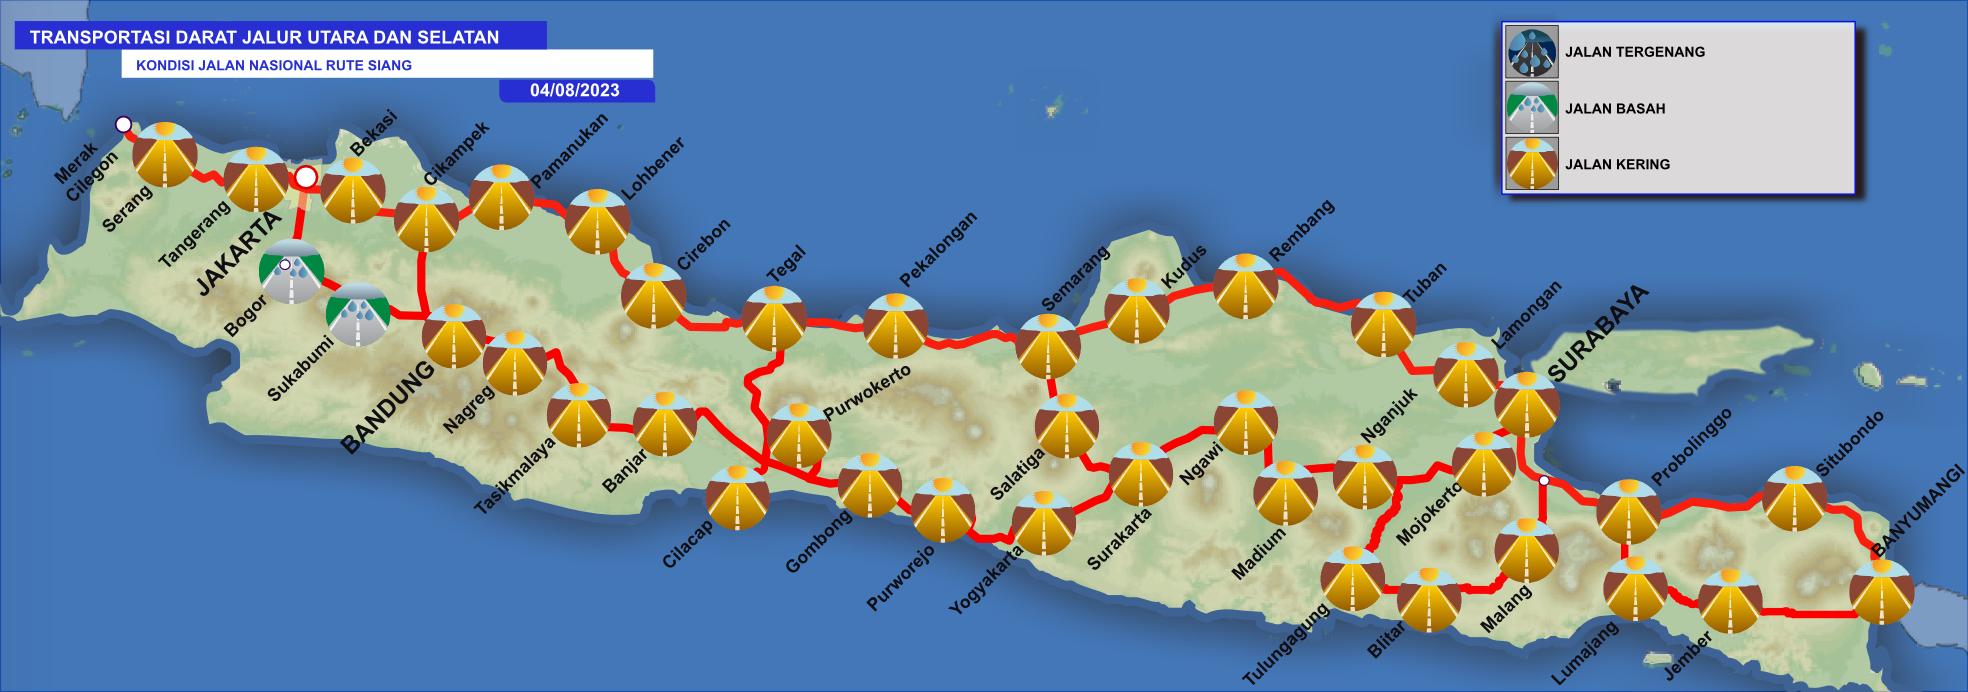 Prakiraan Kondisi Jalan (Tergenang/Basah/Kering) Transportasi Darat Jalur Utara dan Selatan Besok Hari Pada Siang Hari